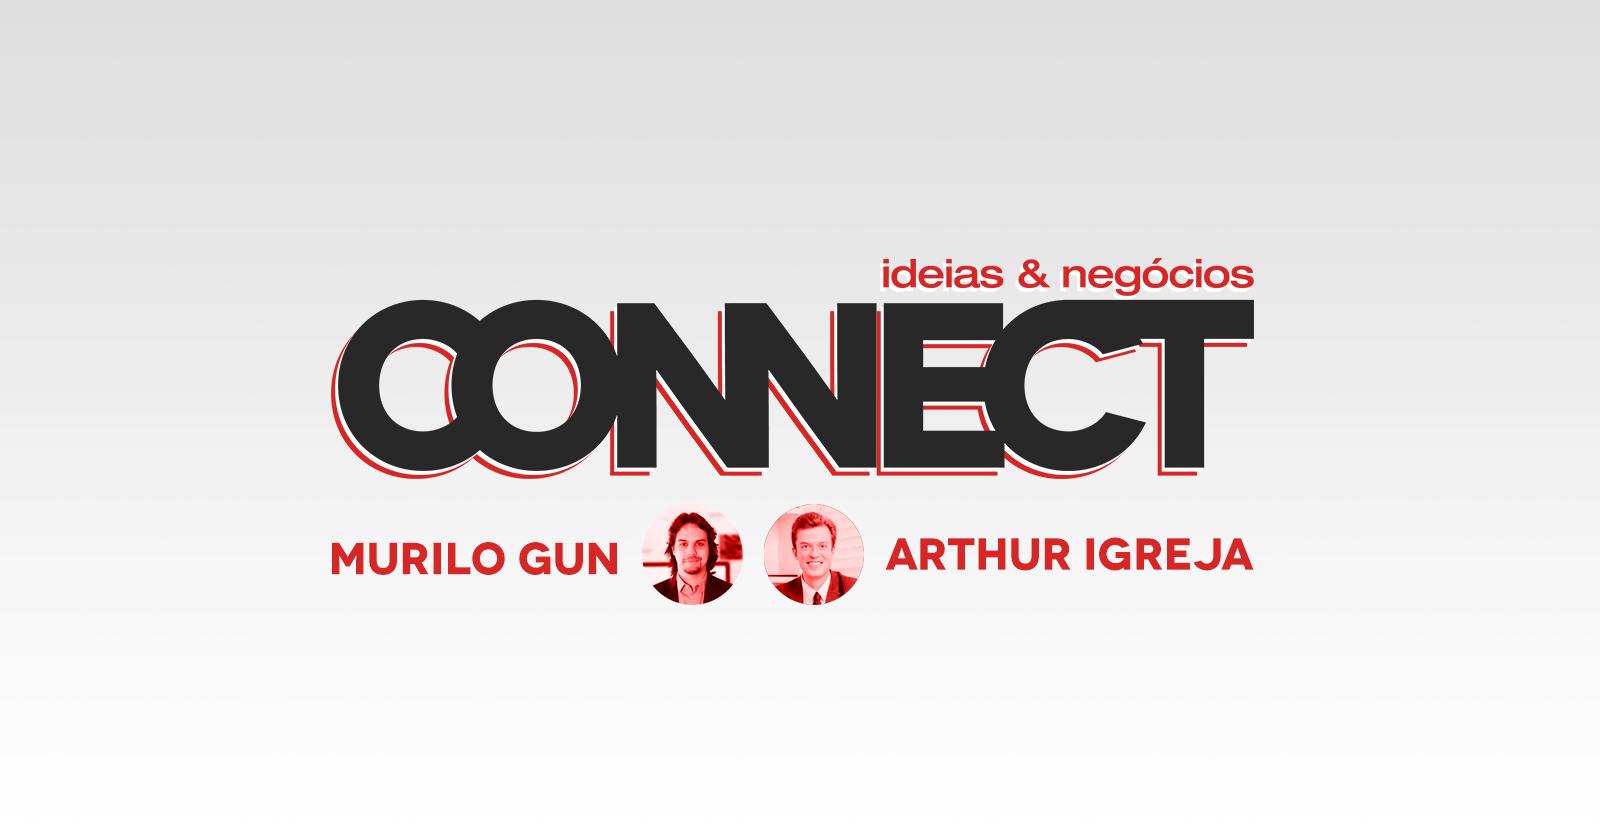 Evento será realizado em agosto | Imagem Divulgação